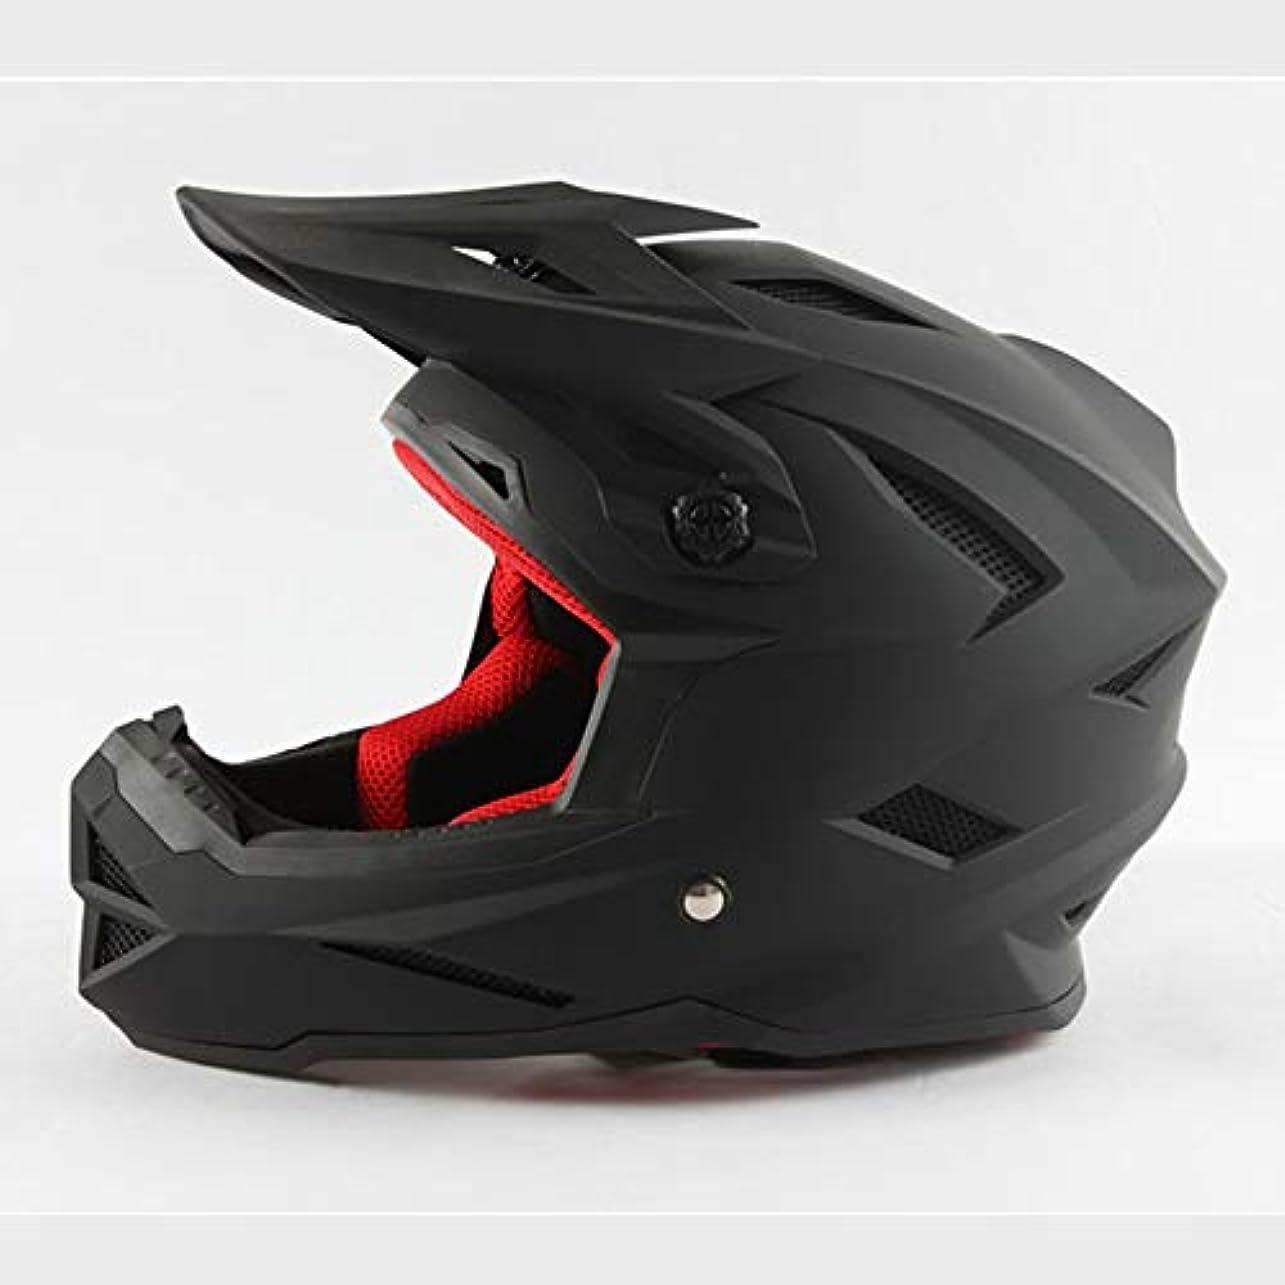 生物学から聞く共和国QRY 自転車フルフェイスヘルメットオートバイオフロードヘルメットダウンヒルヘルメットフルフェイスモトクロスヘルメットロードオフロードレーシングヘルメット - マットブラック - 大 幸せな生活 (Size : M)